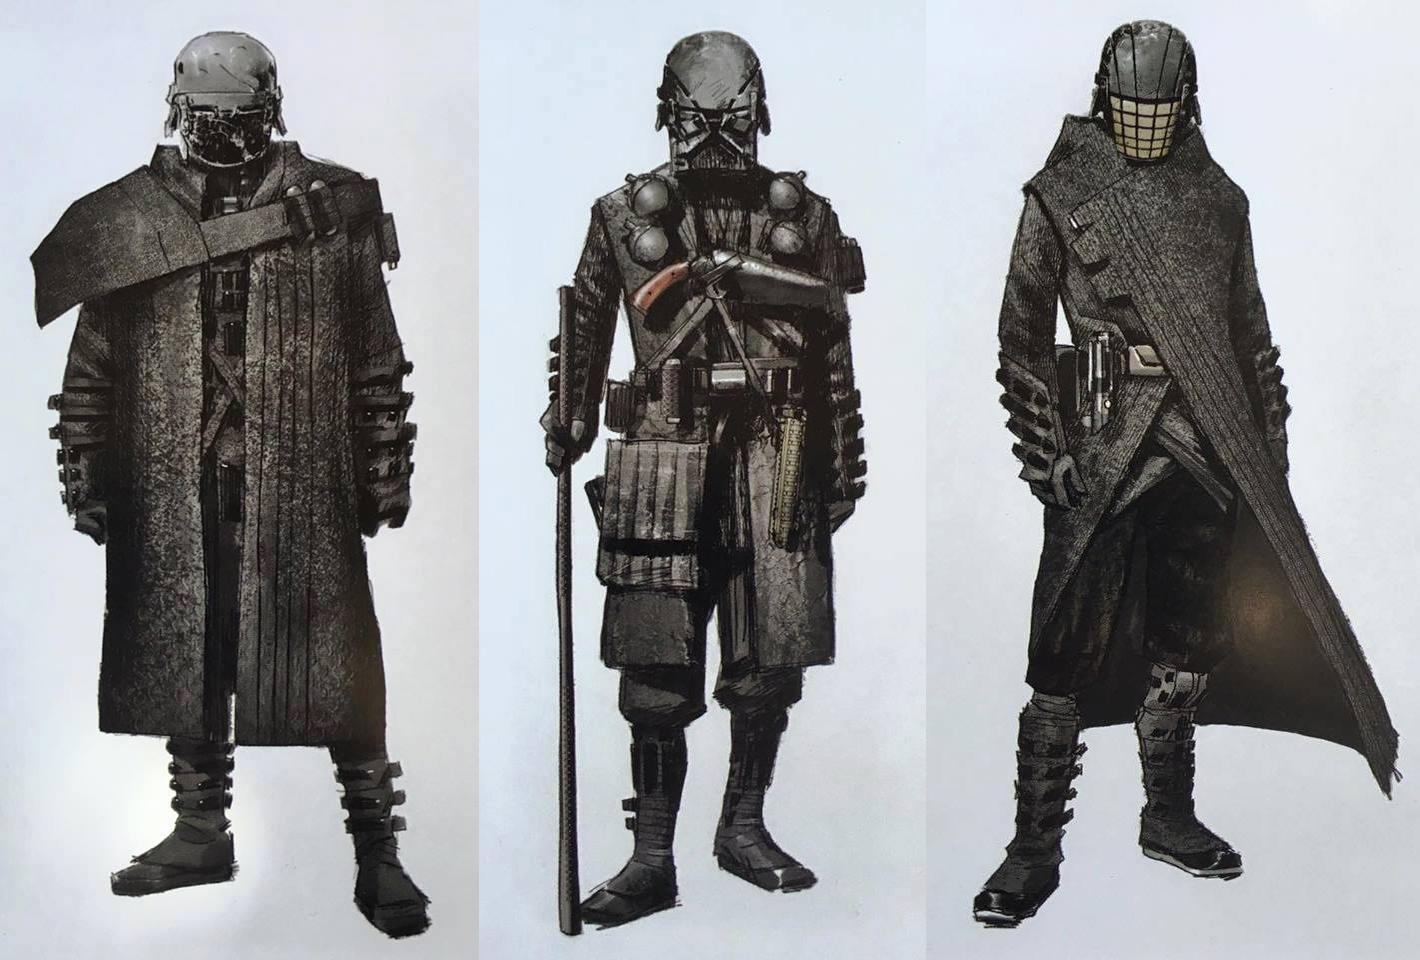 Star Wars Knights of Ren